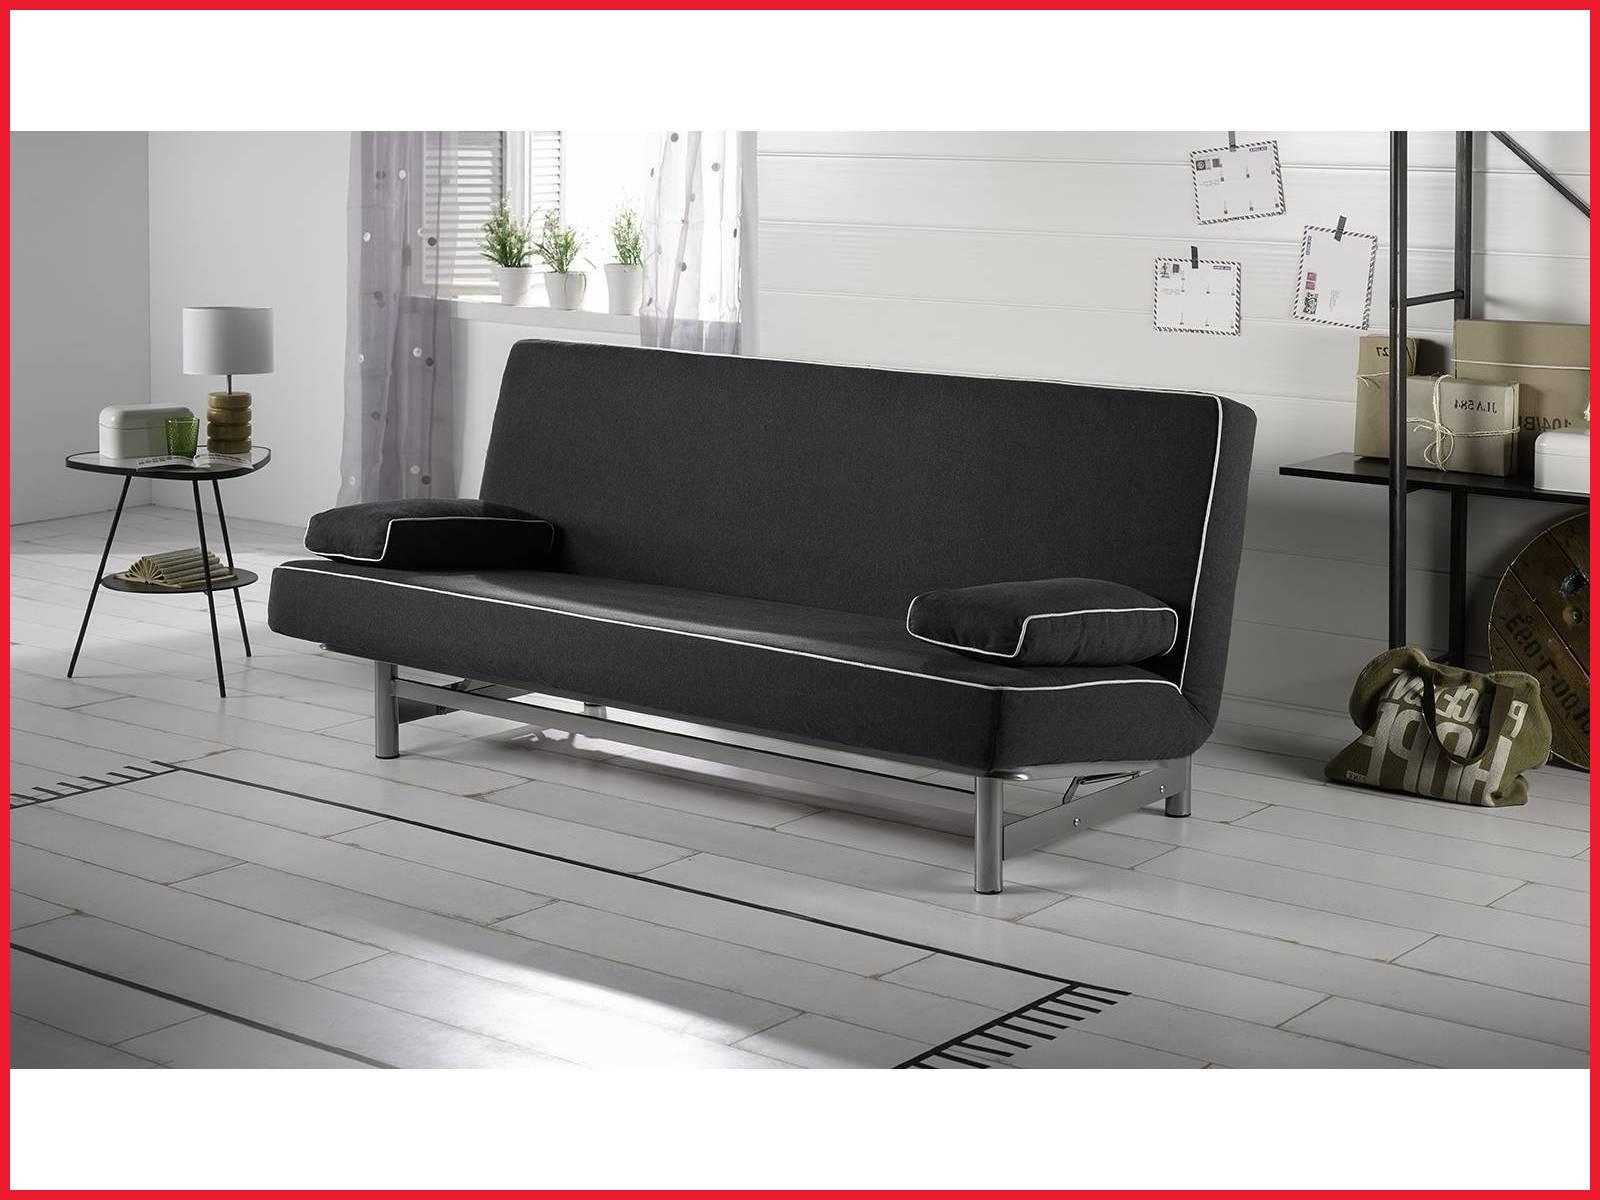 Sofa Cama Merkamueble E6d5 Merkamueble sofas Cama sofà Cama Clic Clac Modelo Guinea